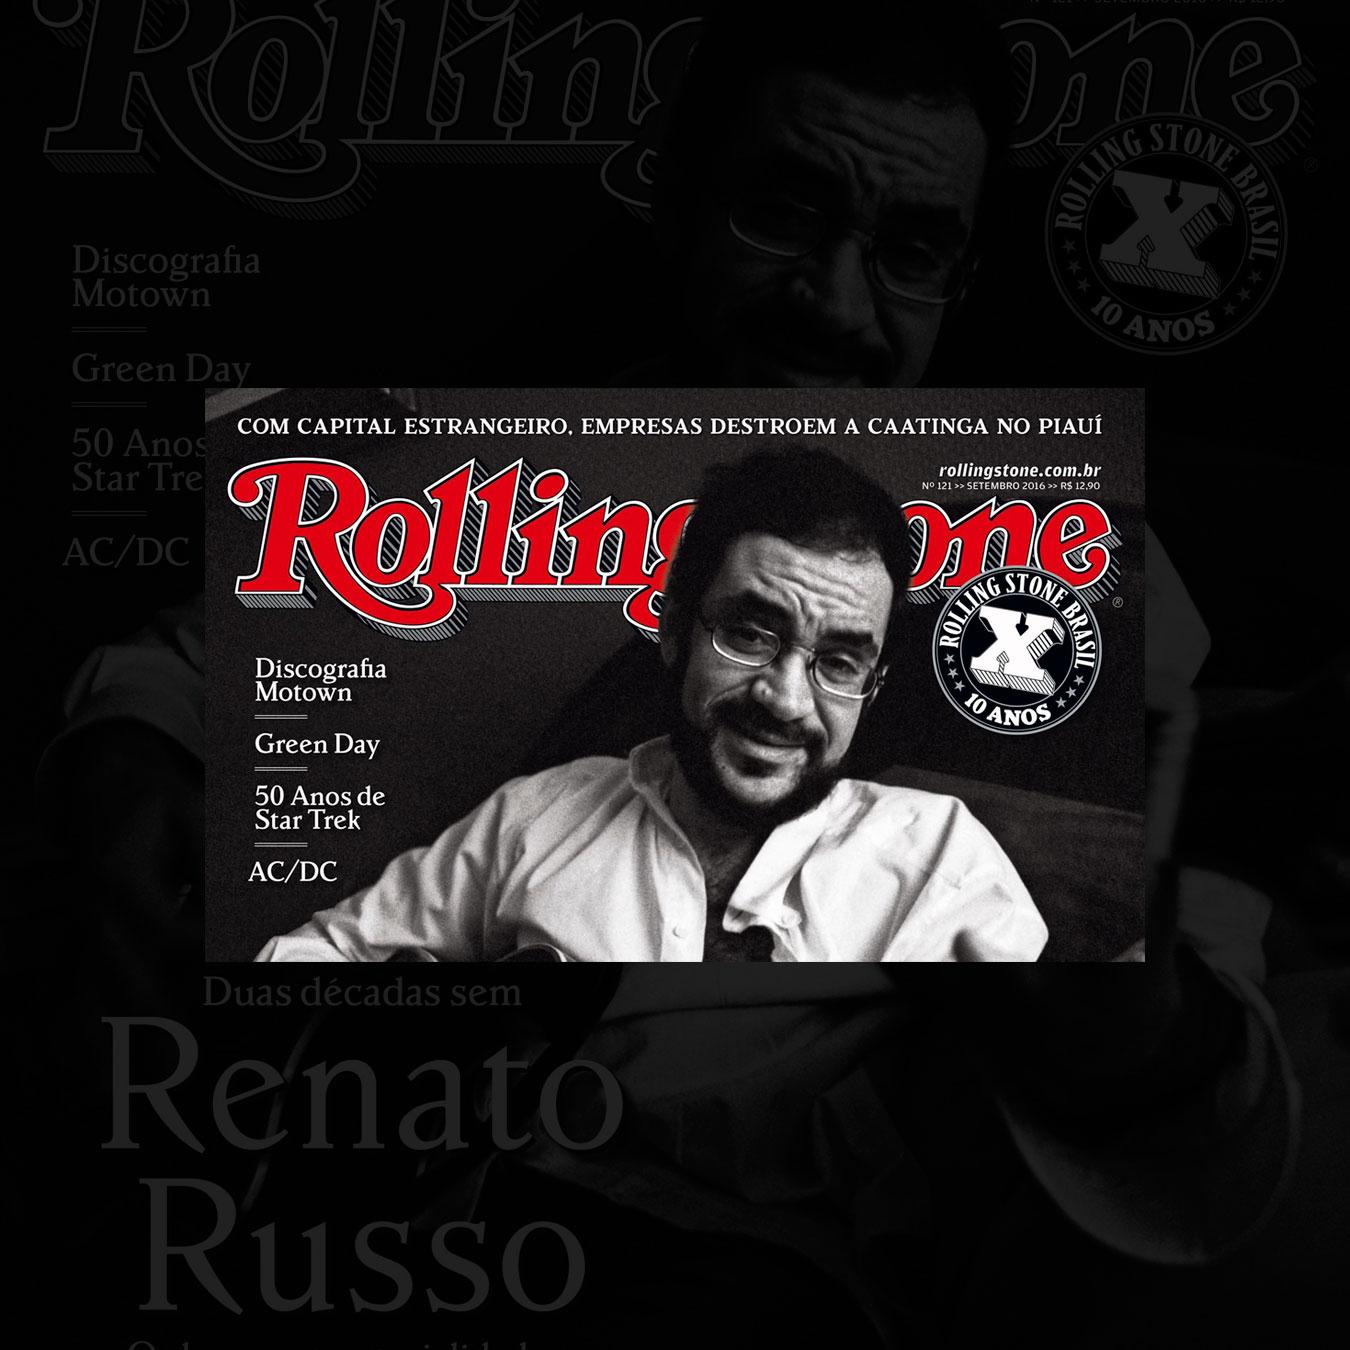 renato-russo-rolling-stone